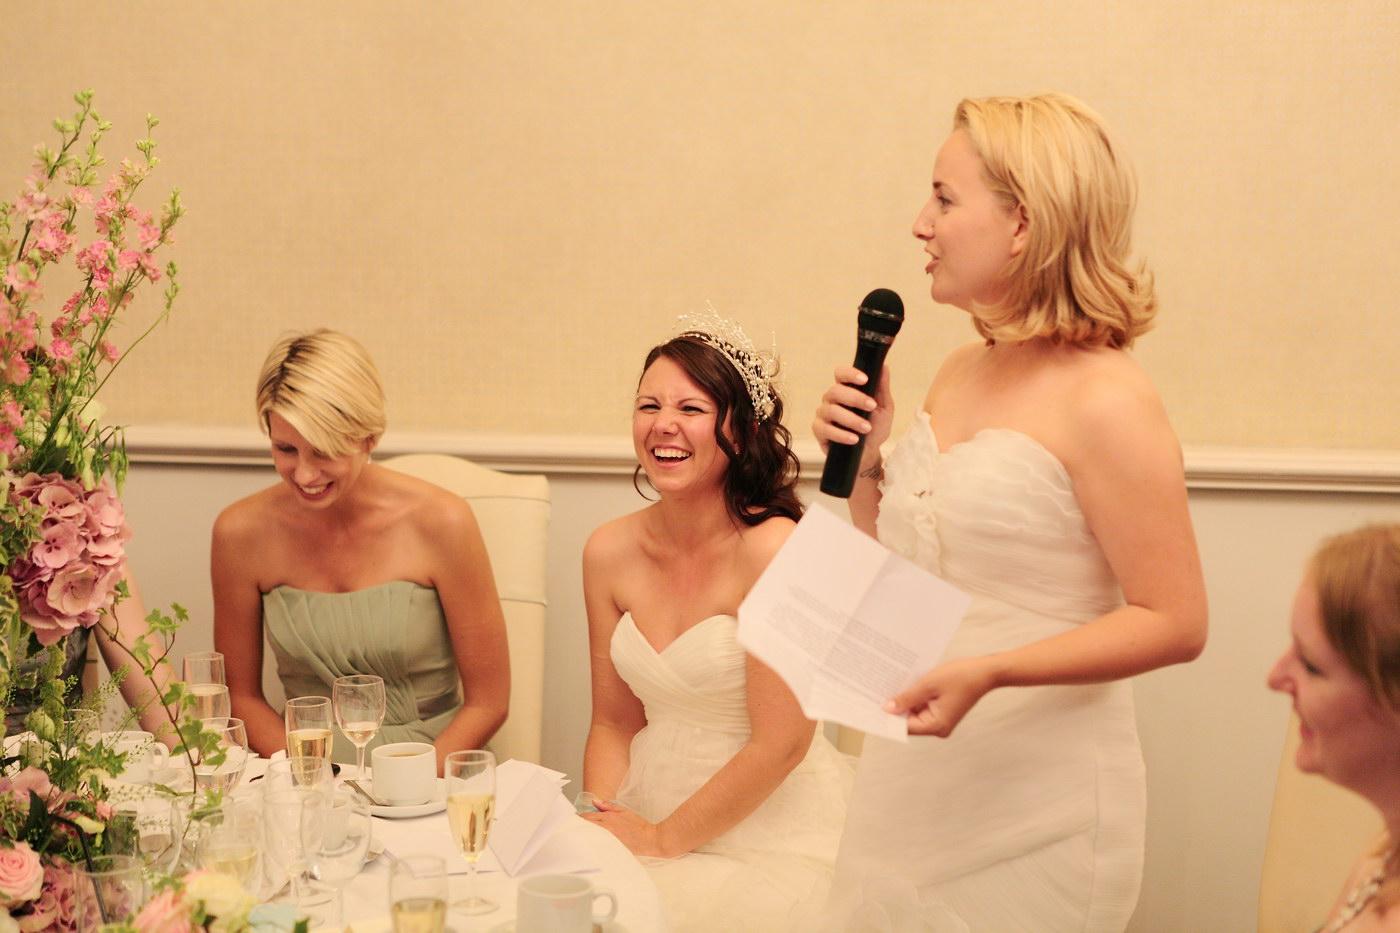 Cinci alternative pentru discursurile de nunta